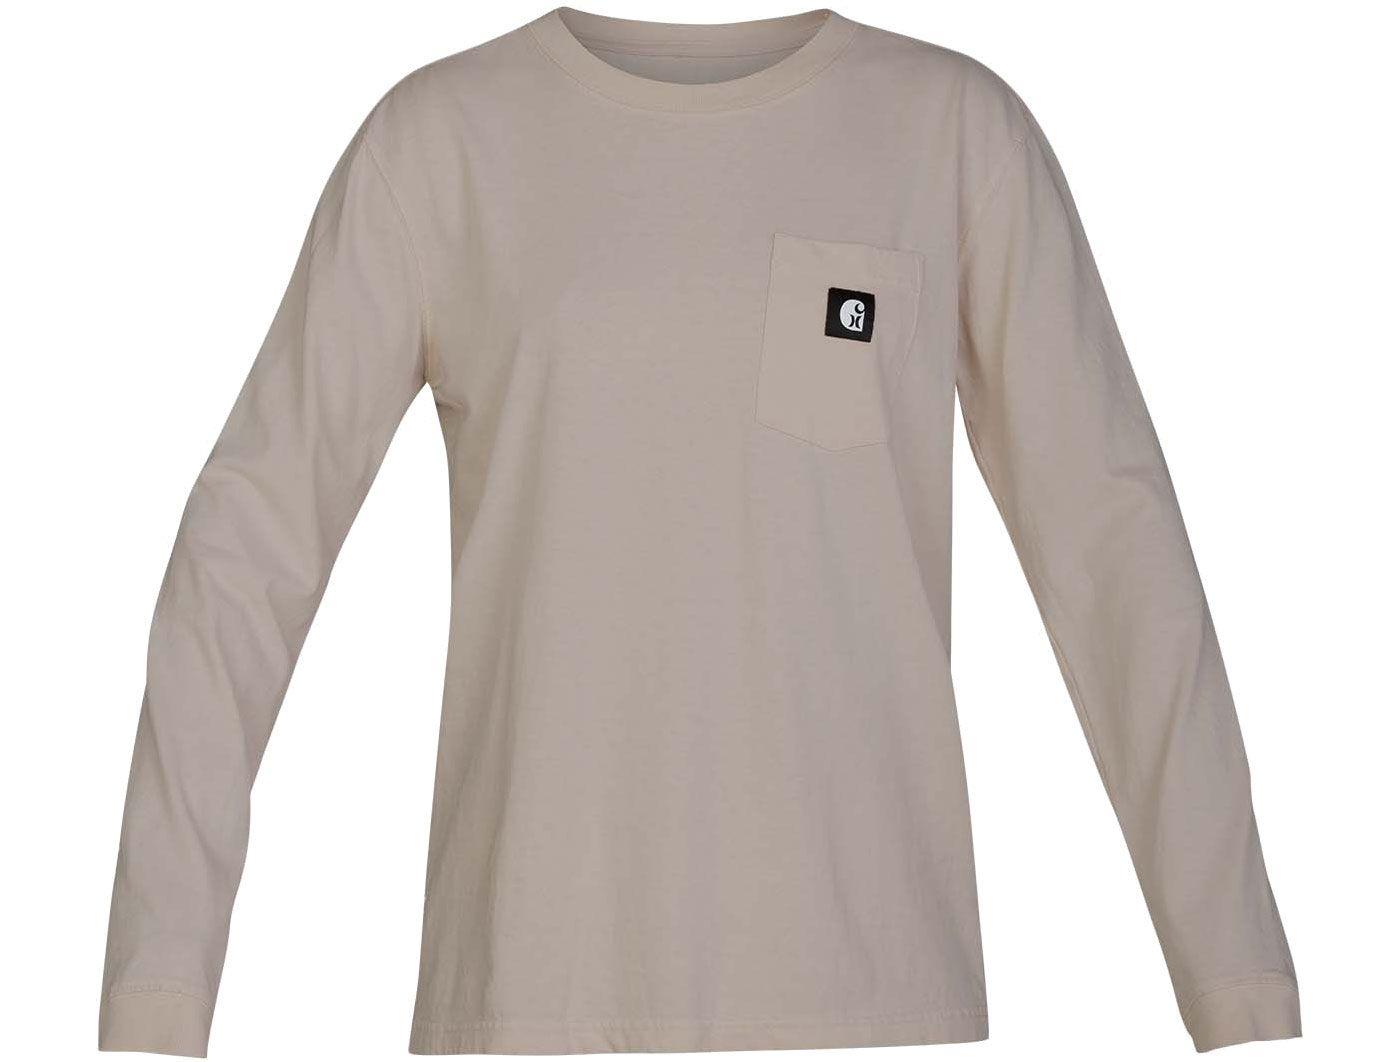 Hurley Women's Carhartt Long Sleeve Shirt